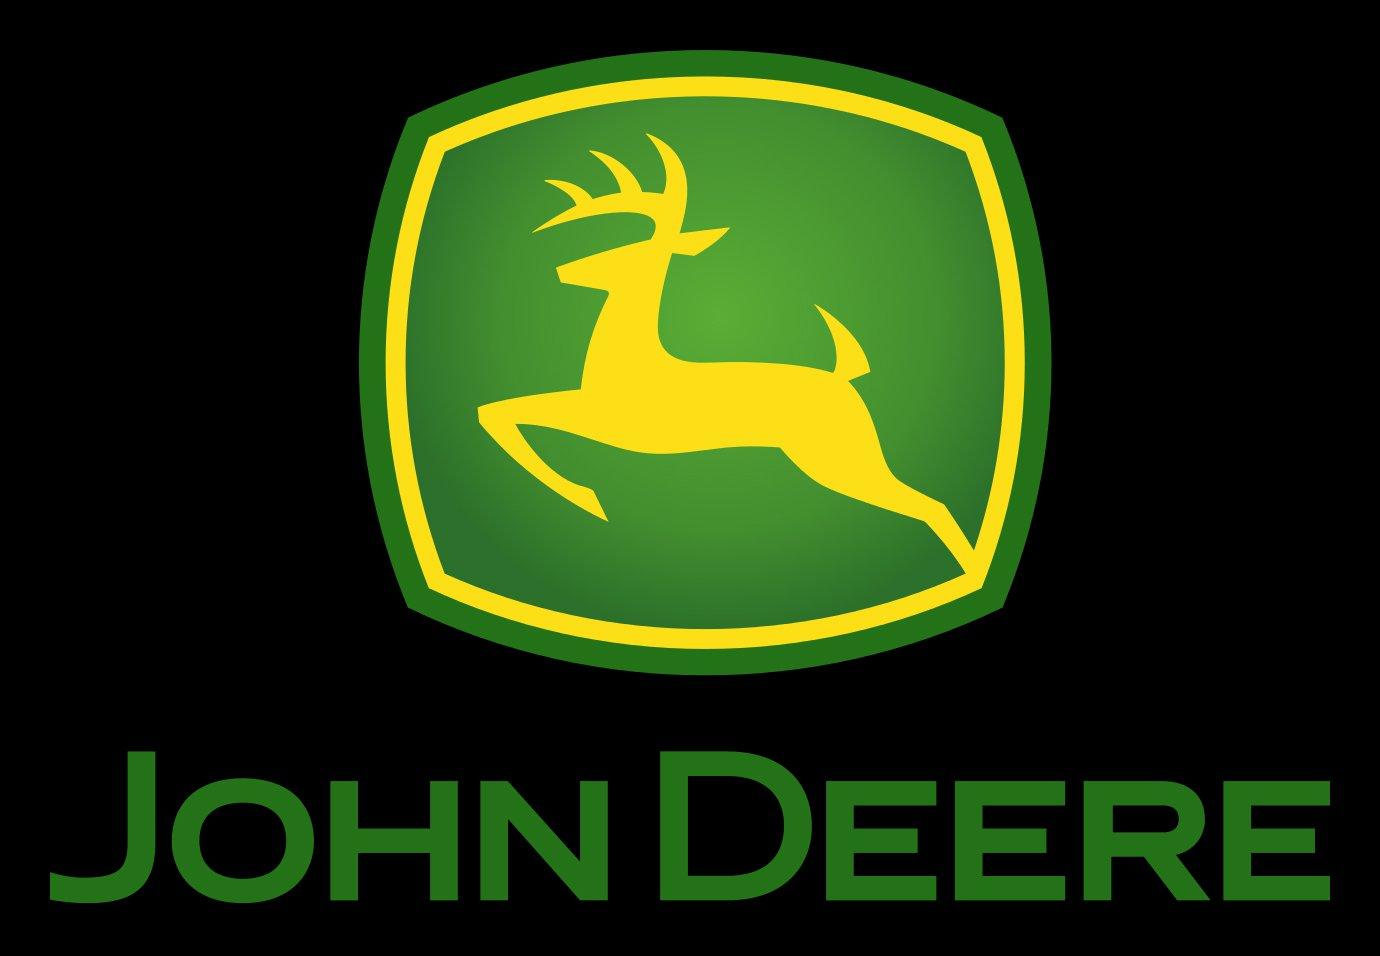 john deere logo john deere symbol meaning history and evolution rh 1000logos net Old John Deere Logo John Deere Logo Wallpaper